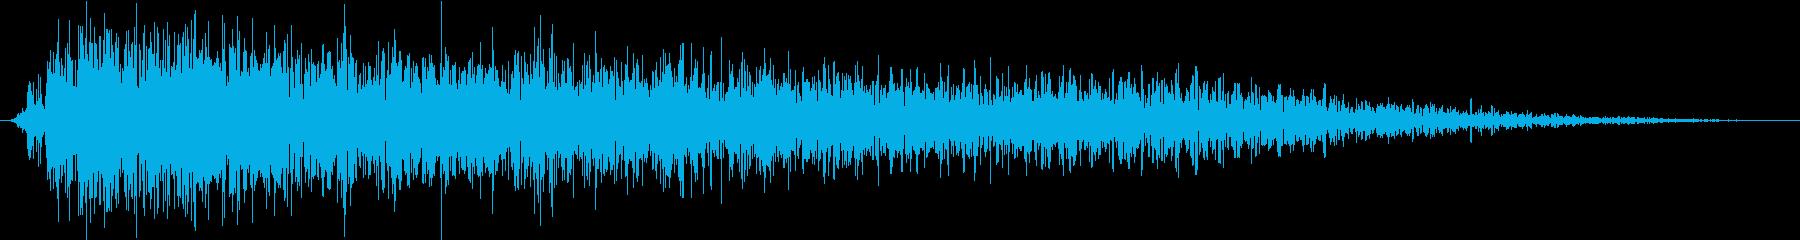 原子爆弾の爆発と爆弾の再生済みの波形